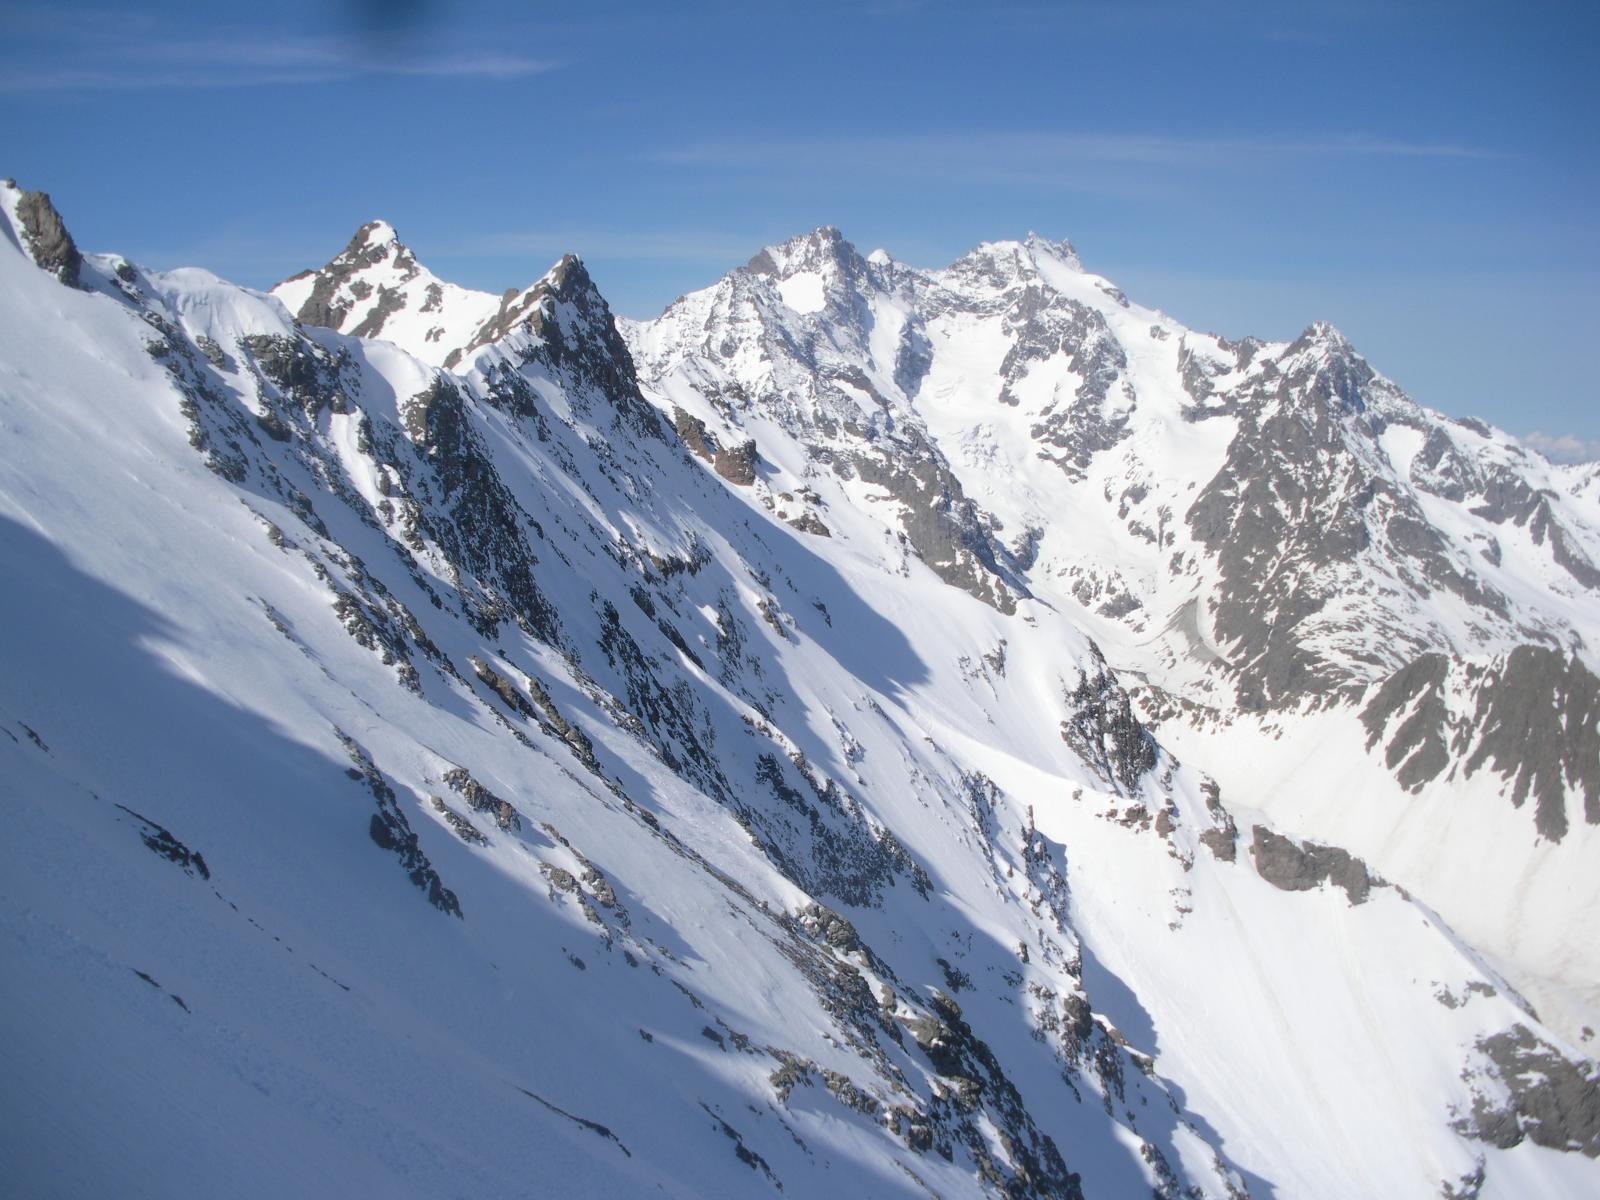 dalla cresta nord scendendo a l colletto, si vede a sx il Pic ouest de Combeynot e al fondo la Meije..